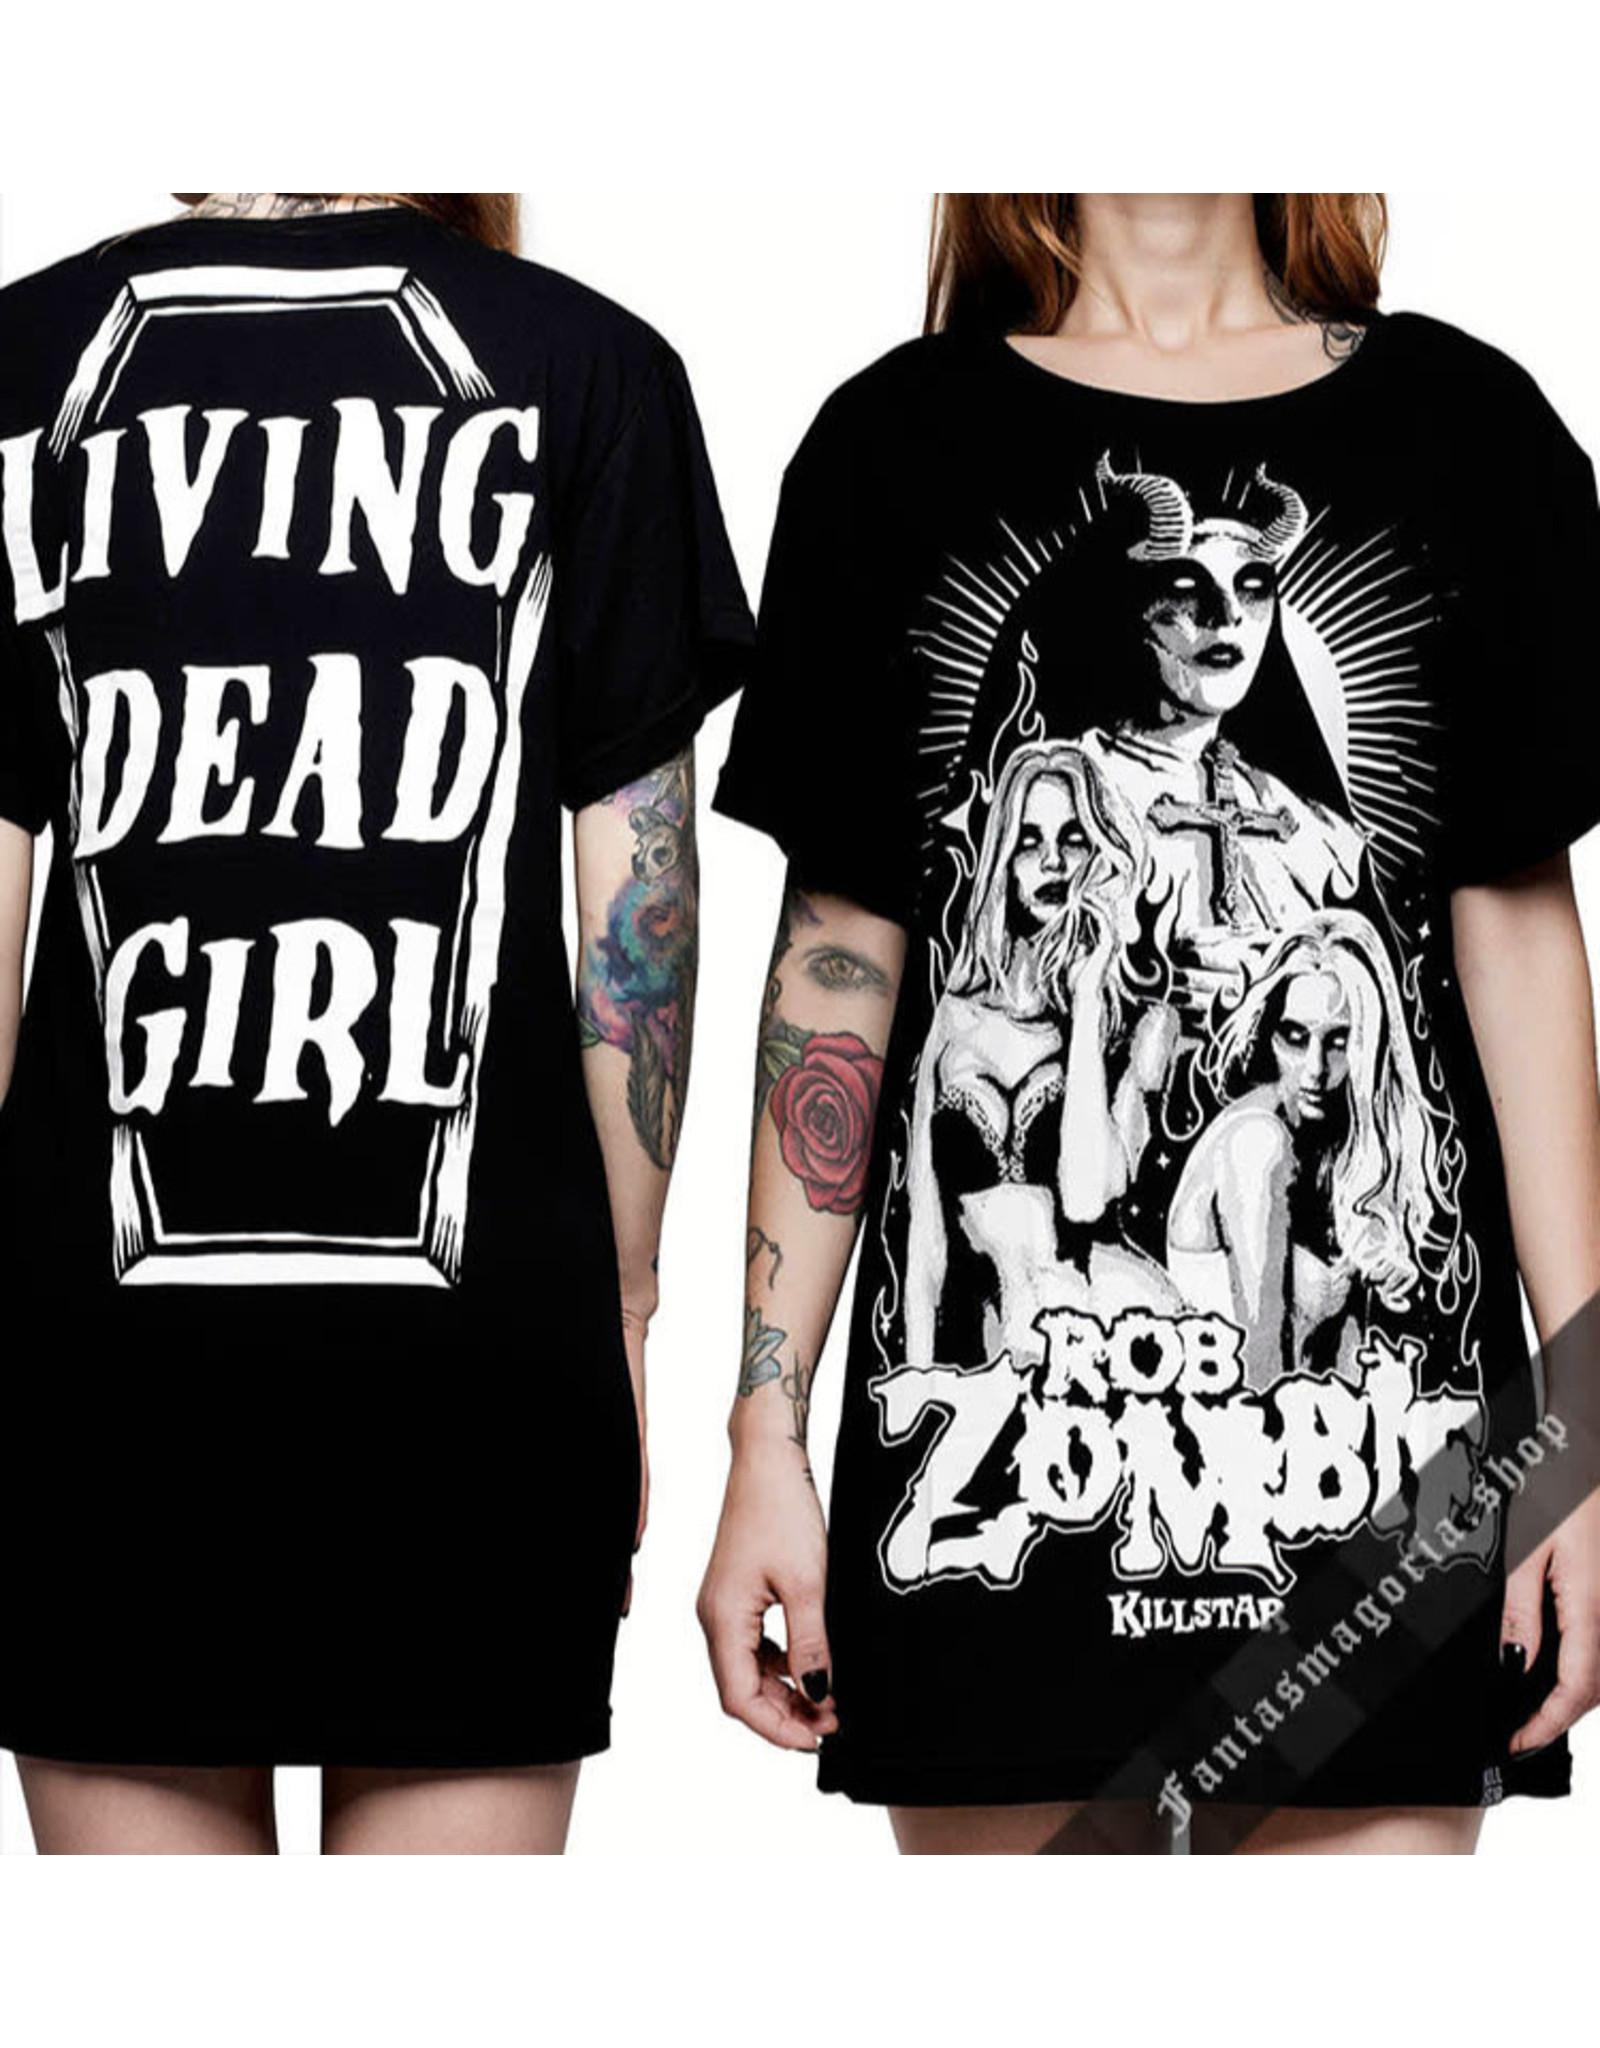 KILLSTAR - Living Dead Girl BF Top